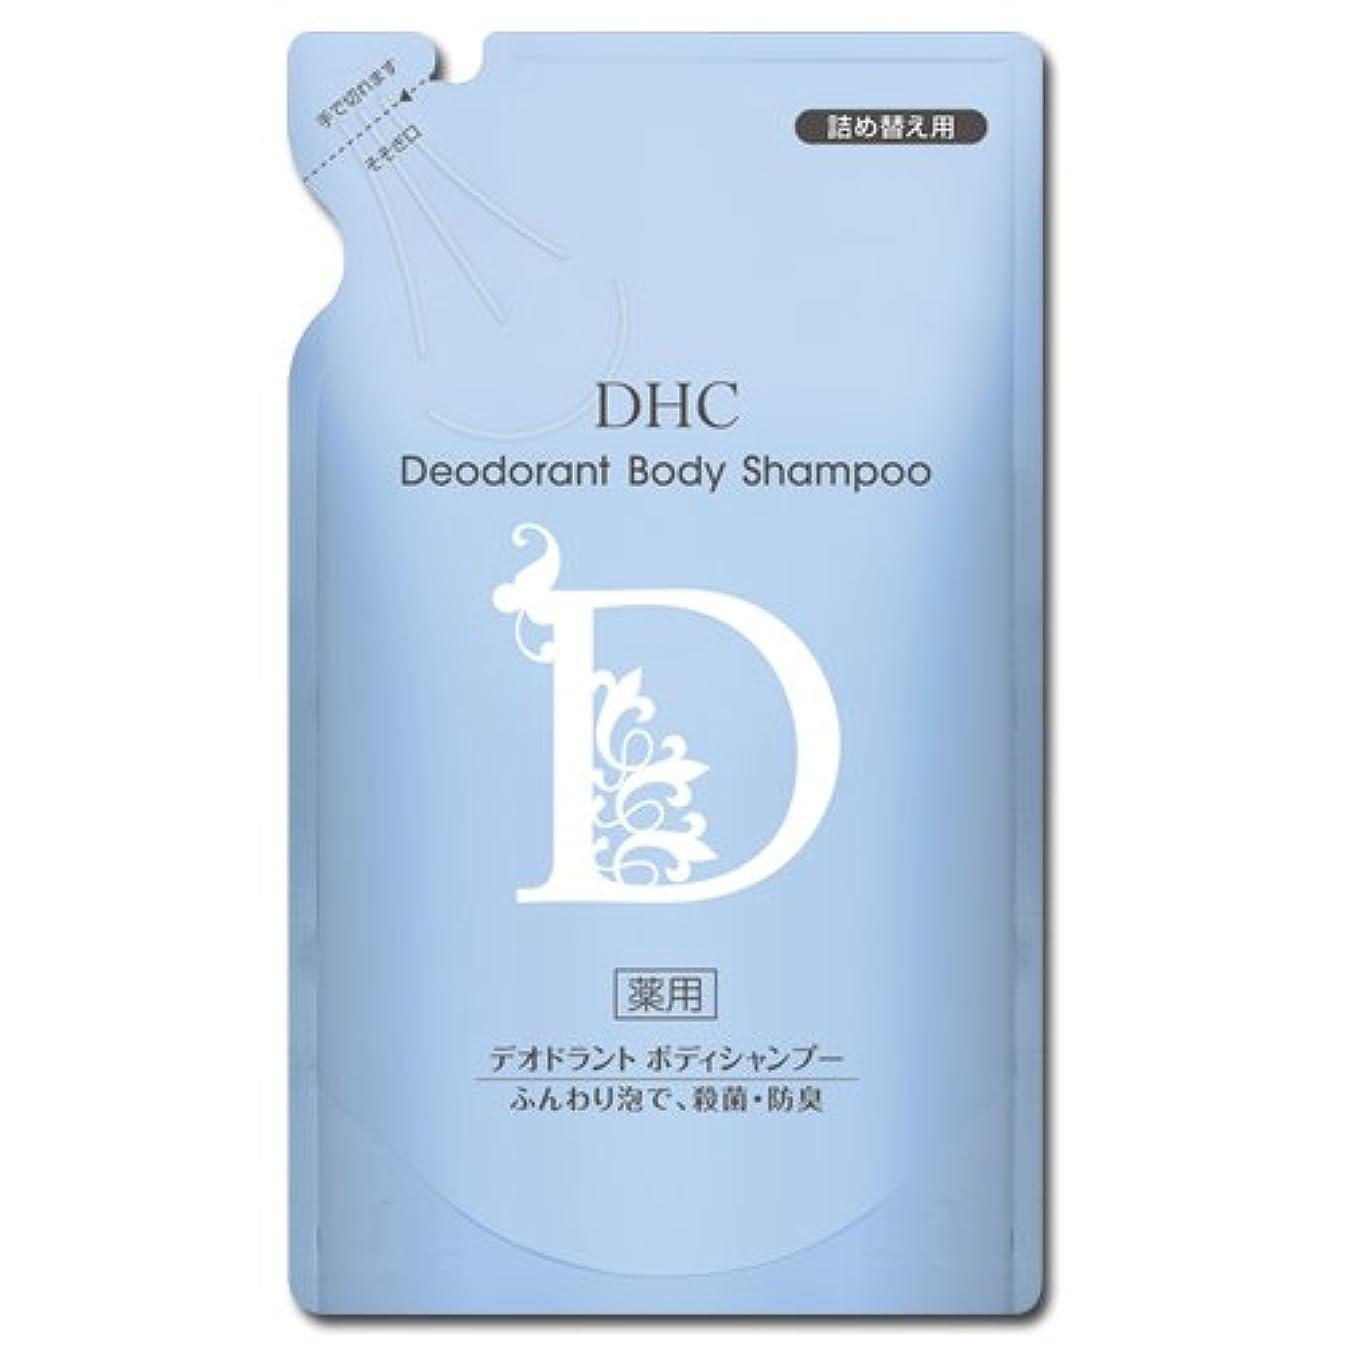 適格巻き取り補足【医薬部外品】DHC薬用デオドラント ボディシャンプー 詰め替え用